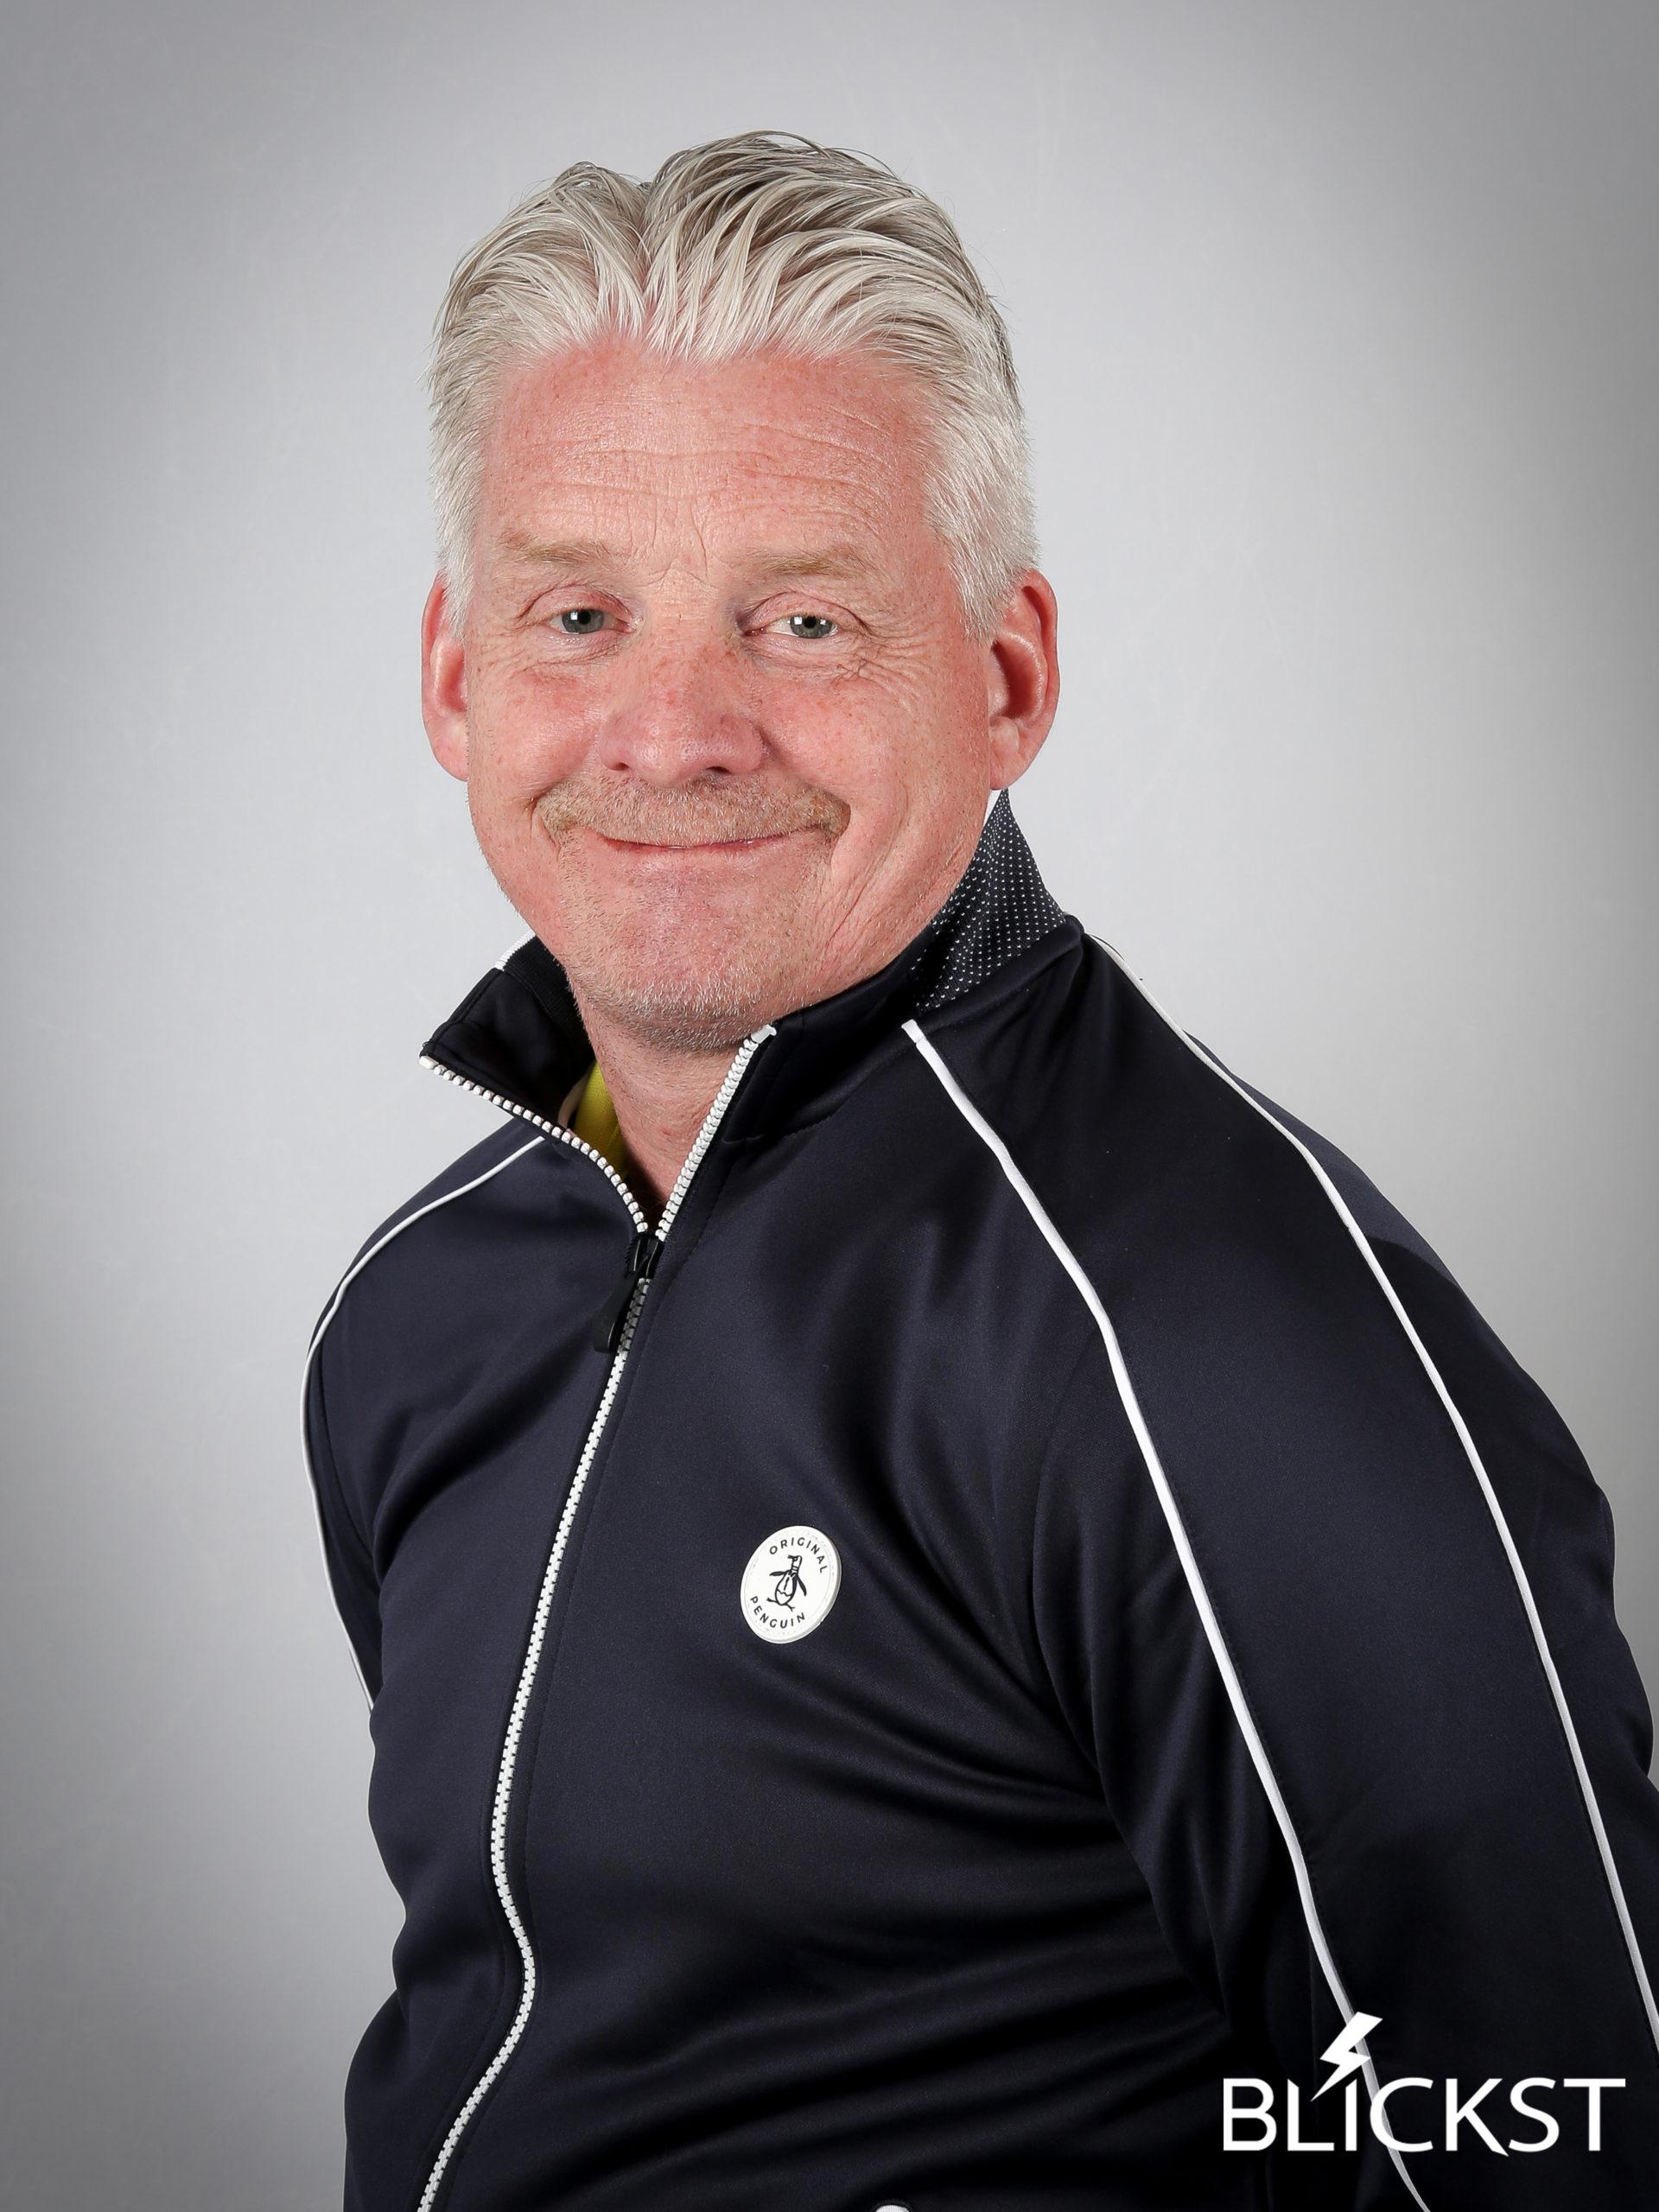 Niklas Dahlgren